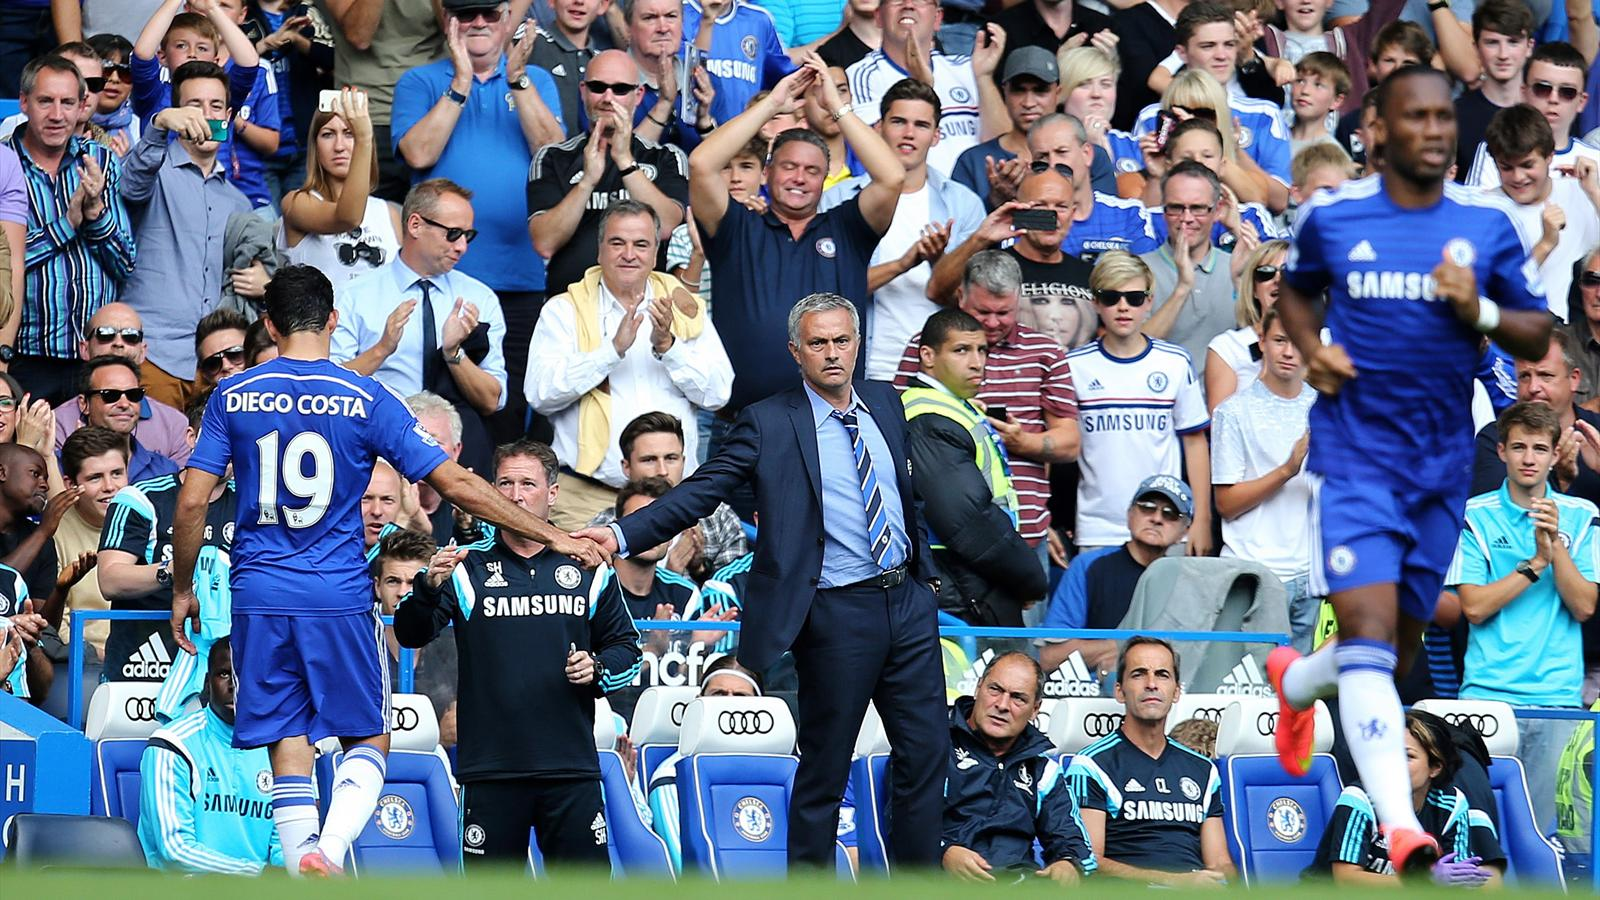 Mourinho tape dans la main de Diego Costa, Didier Drogba prend le relais